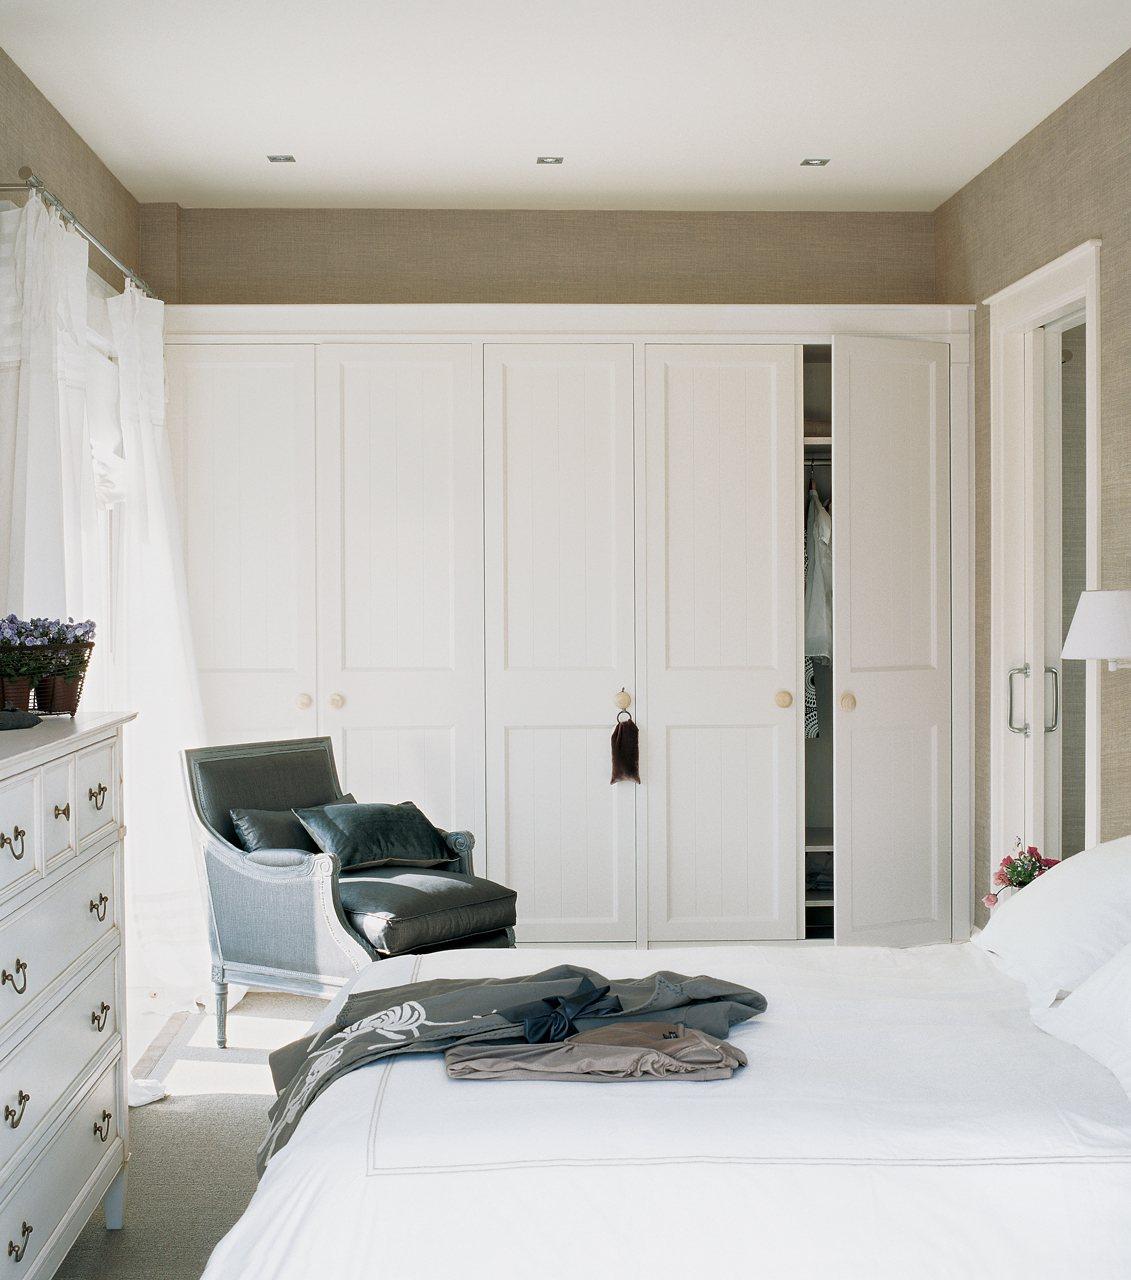 Dormitorios peque os con ideas - Sillones pequenos para dormitorios ...